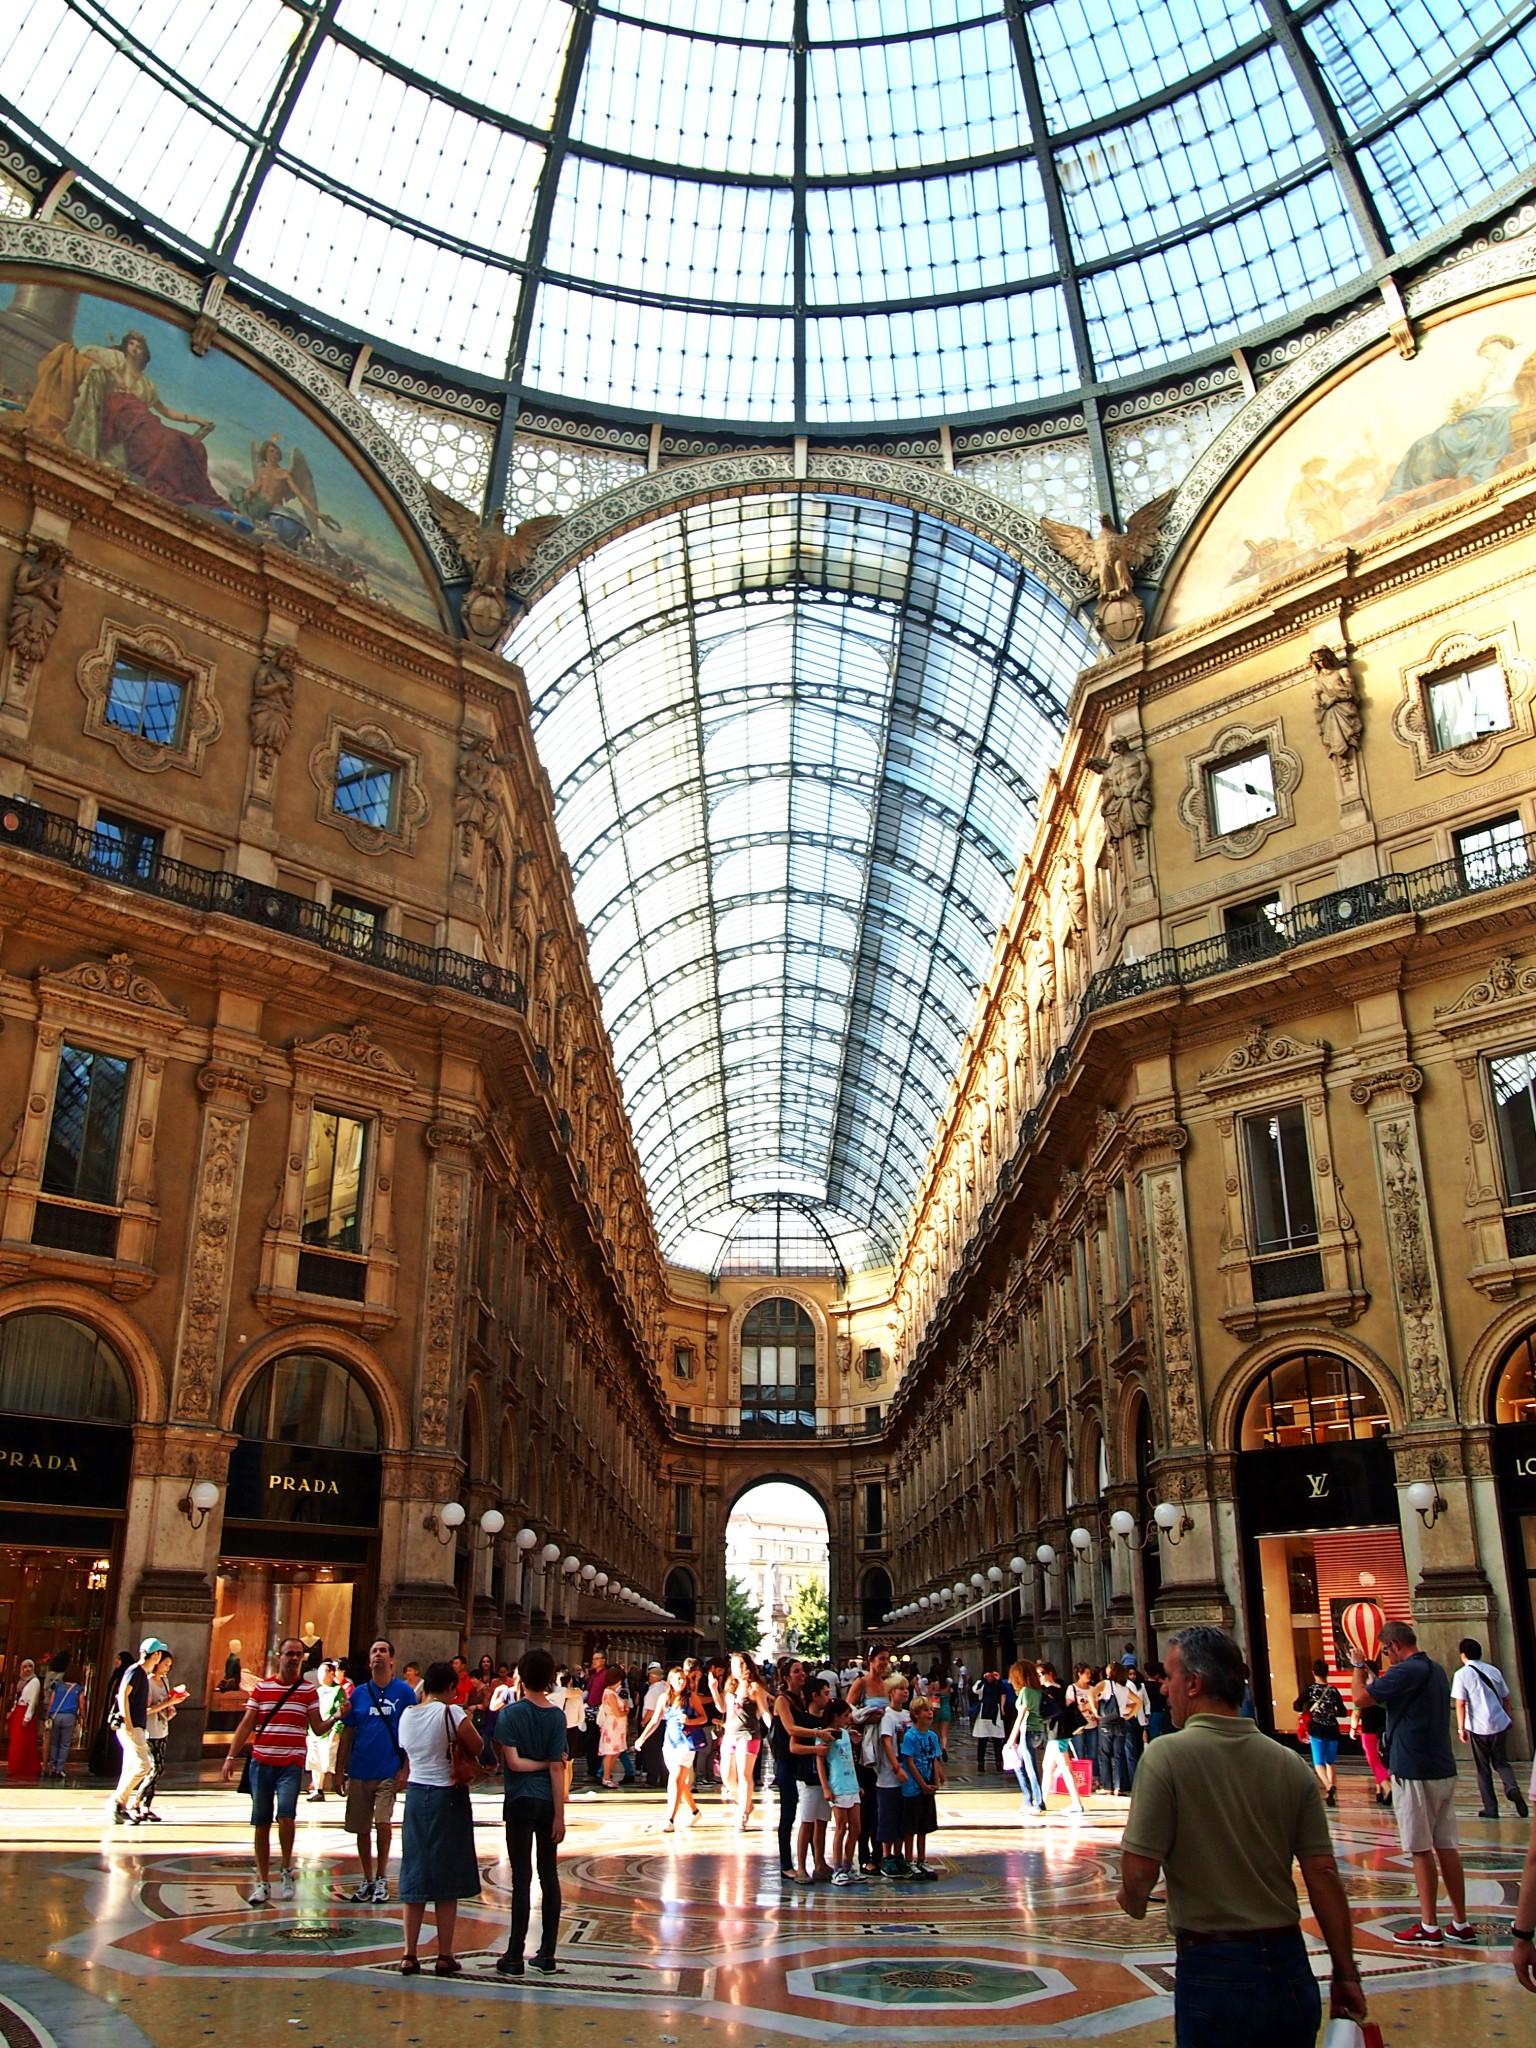 galleria vittorio emanuele, milano, mailand, galerie, prada, louis vuitton, luxus, passage